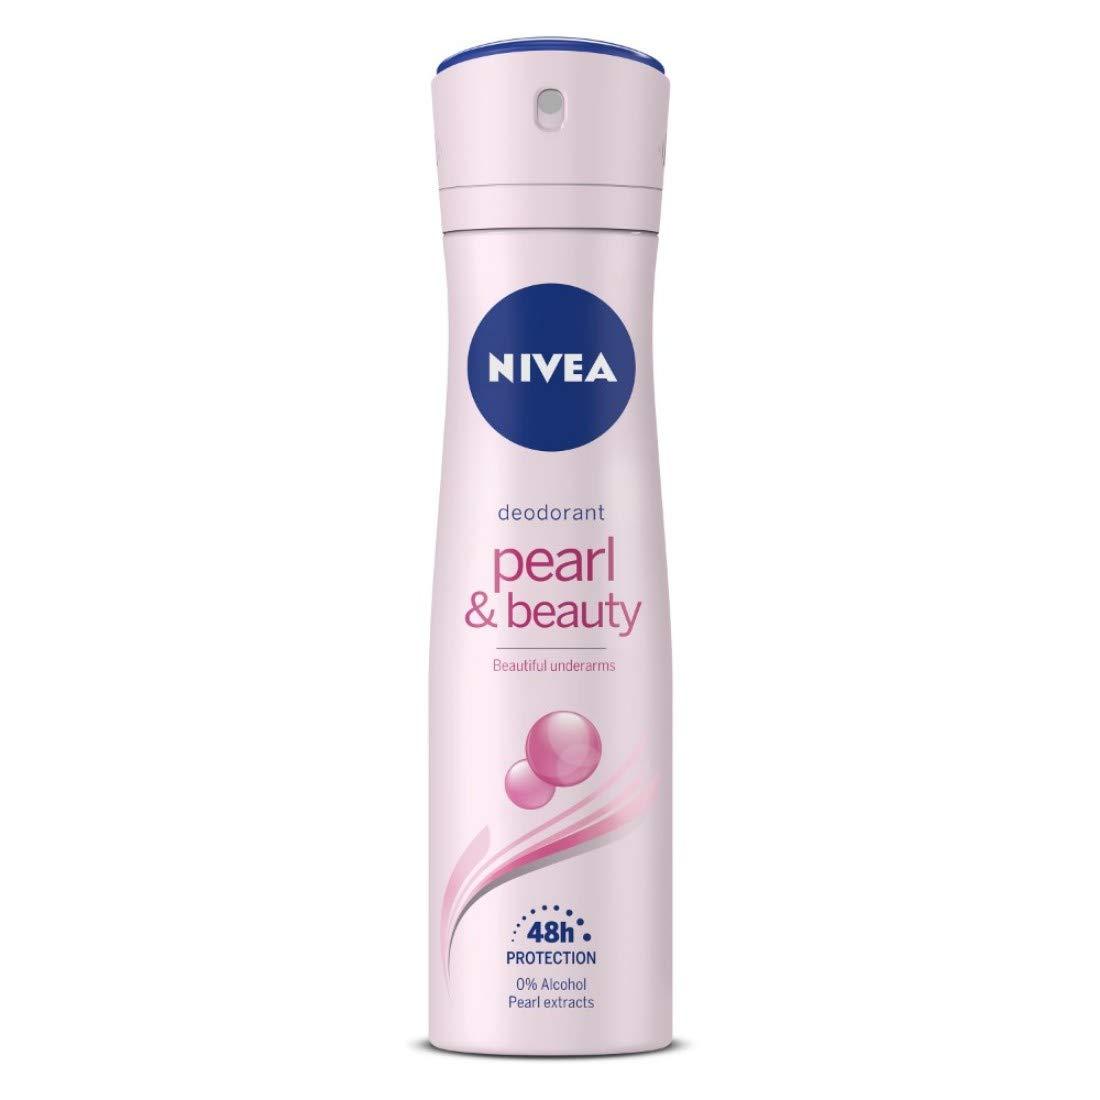 NIVEA Deodorant, Pearl & Beauty, 150ml